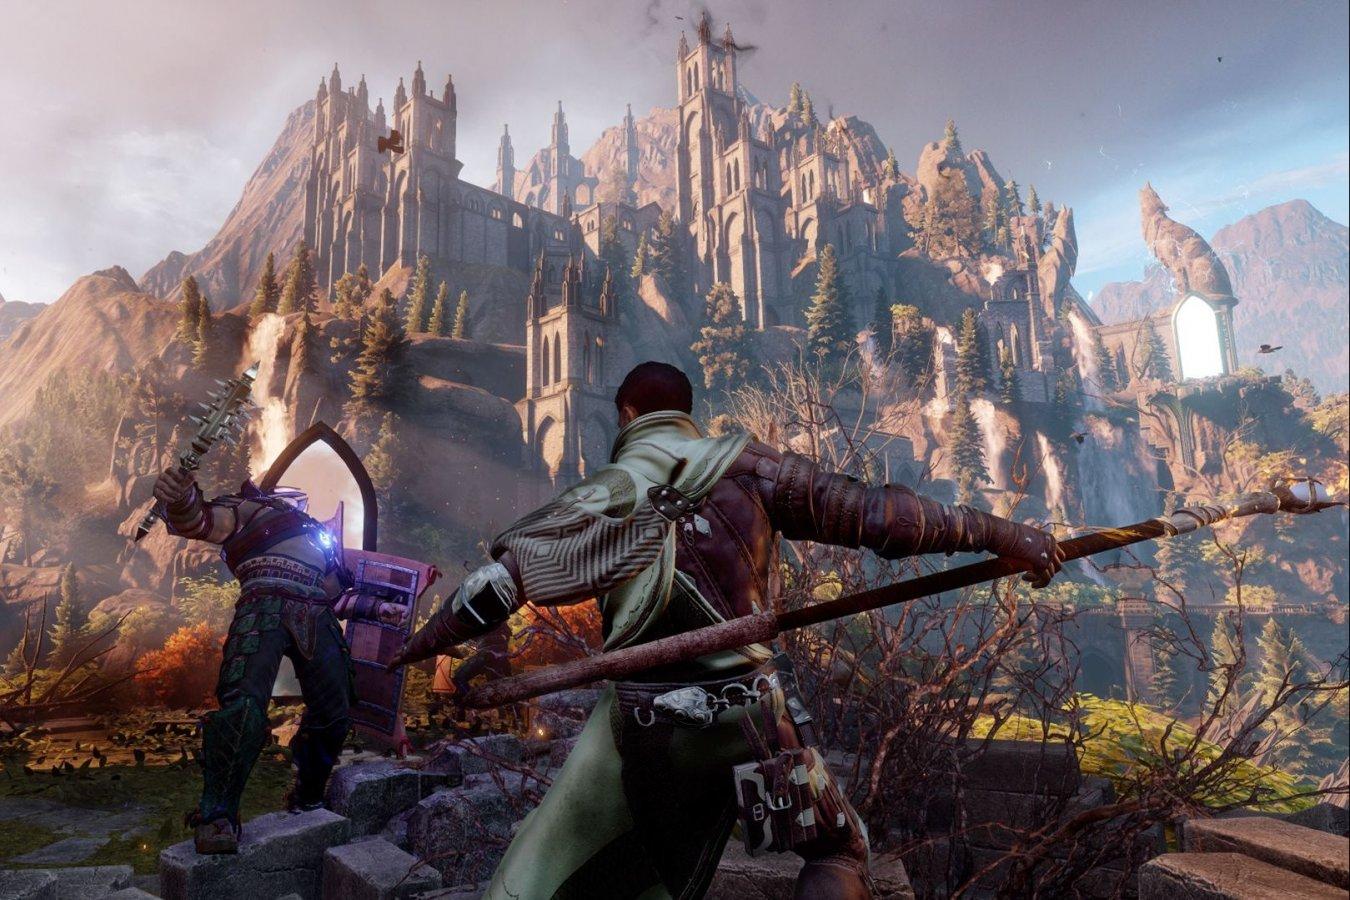 Инсайдер: следующая Dragon Age не появится на PS4 и Xbox One